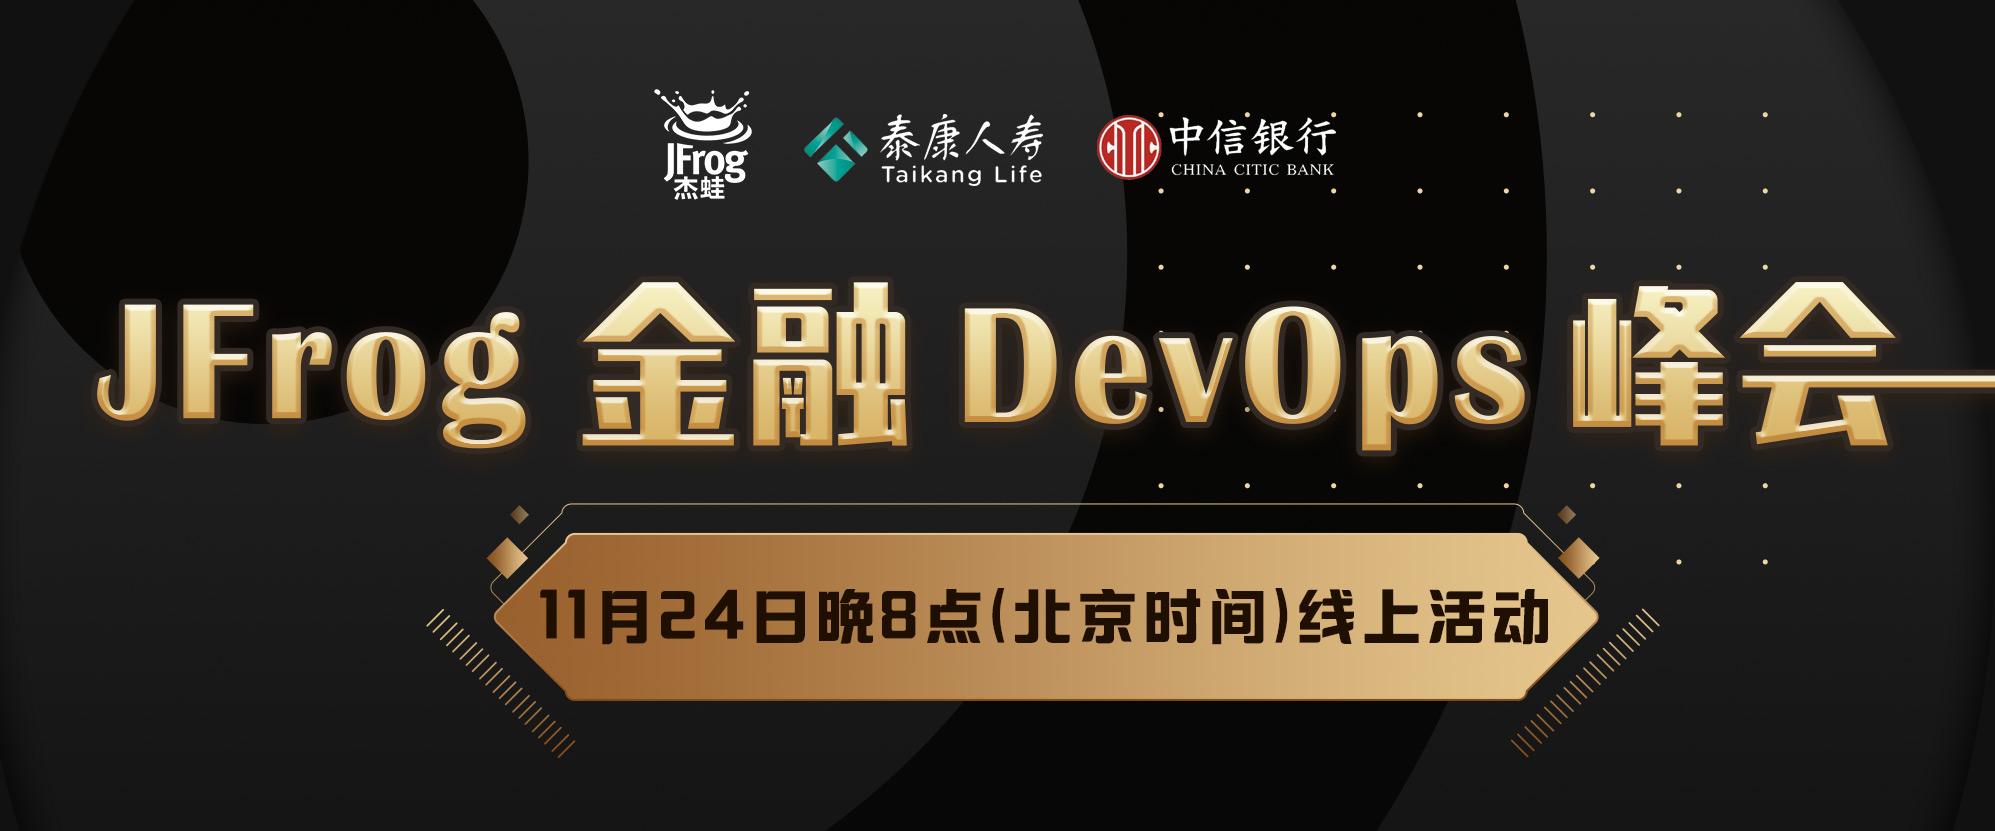 JFrog金融DevOps峰会_Kubernetes中文社区